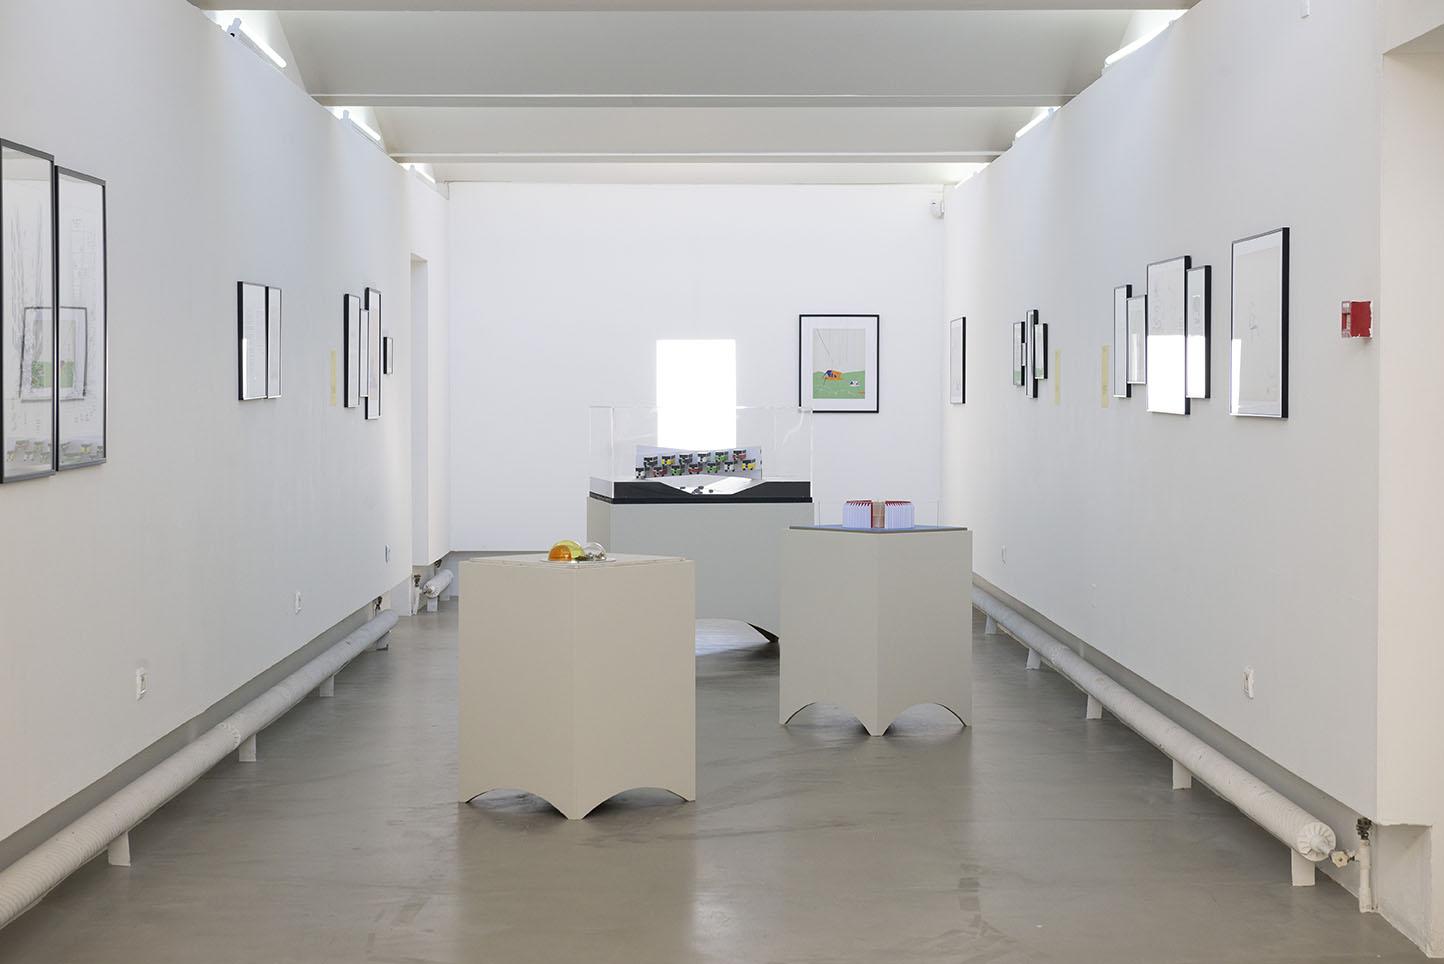 une chambre ailleurs 18 © Lothaire Hucki, villa Noailles.jpg